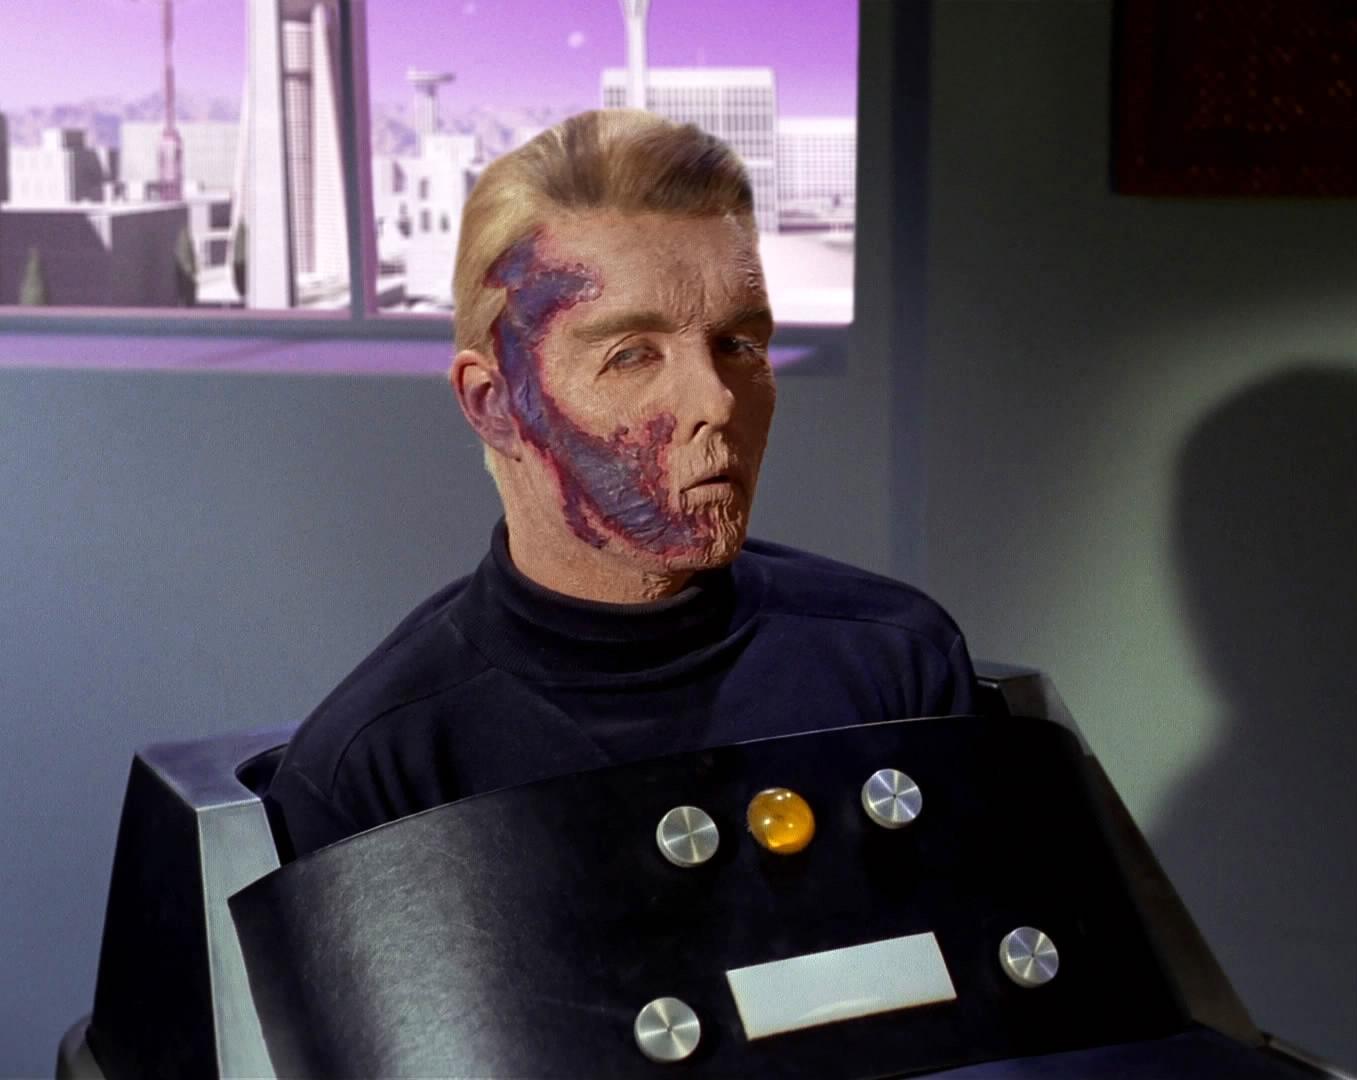 Sean Kenney z mocną charakteryzacją udaje Jeffreya Huntera. / Fot. CBS